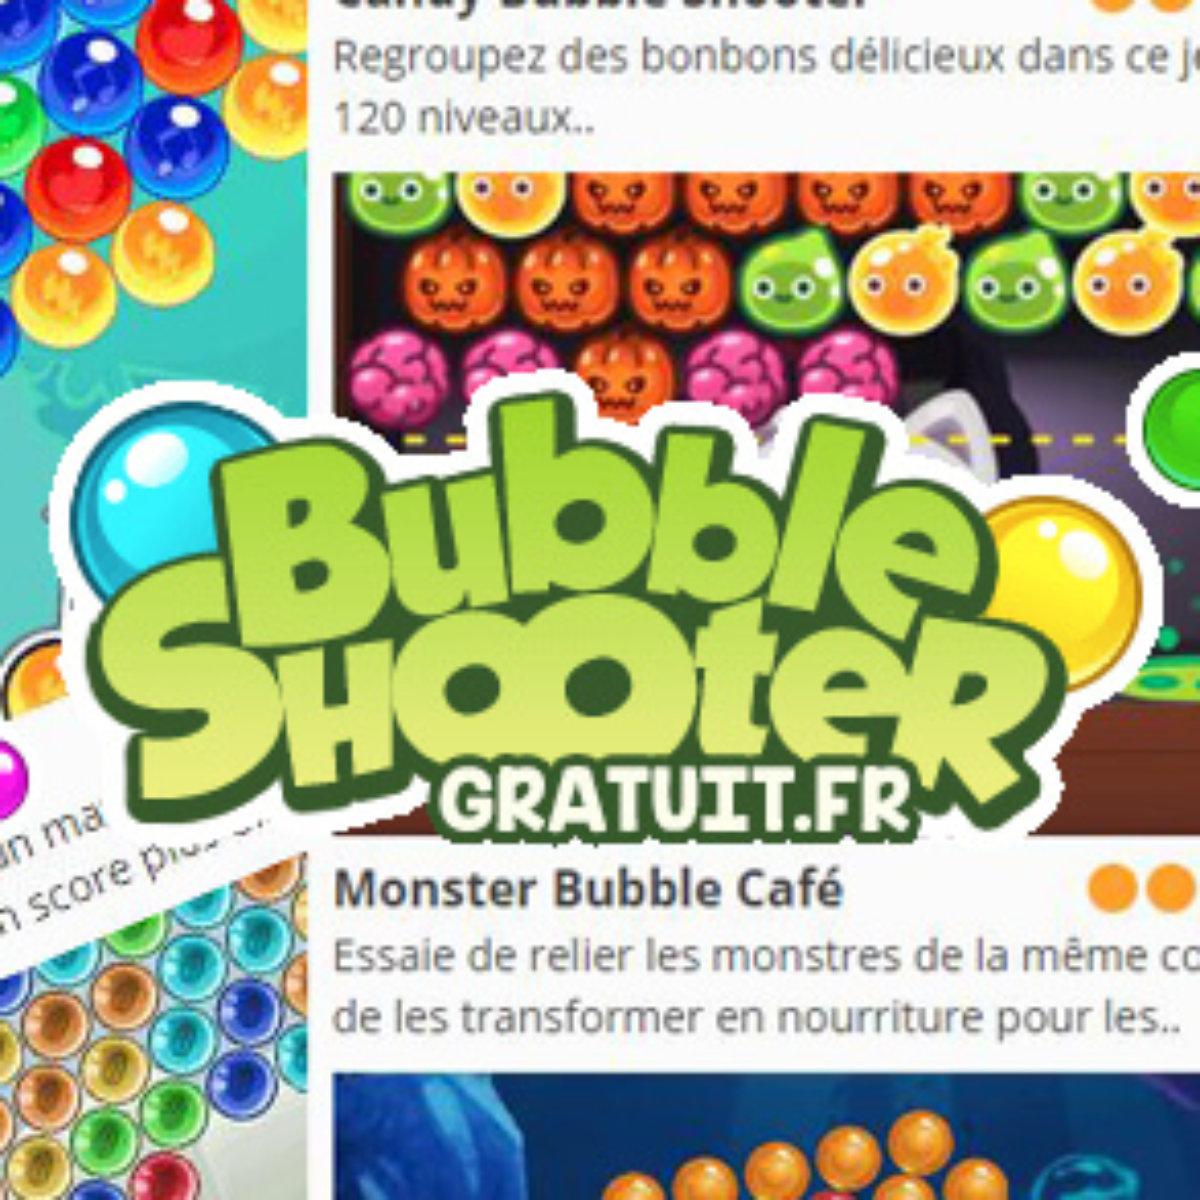 Bubble Shooter Gratuit : Éclatez Des Bulles Sur Votre intérieur Jeux Gratuits De Bulles